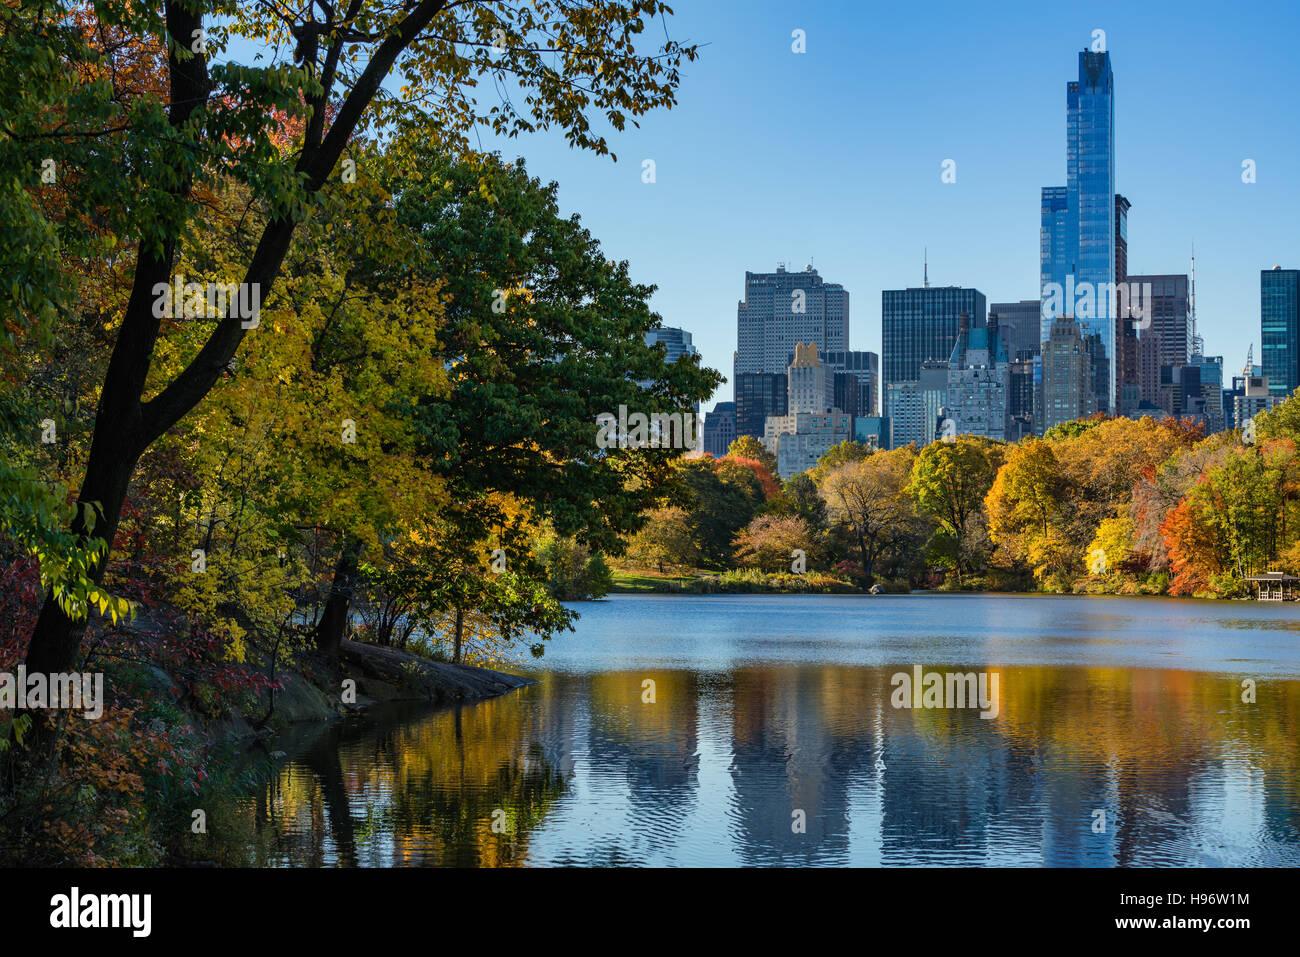 Autunno a Central Park sul lago con grattacieli di Midtown. Paesaggio urbano in vista di sunrise, Manhattan New Immagini Stock